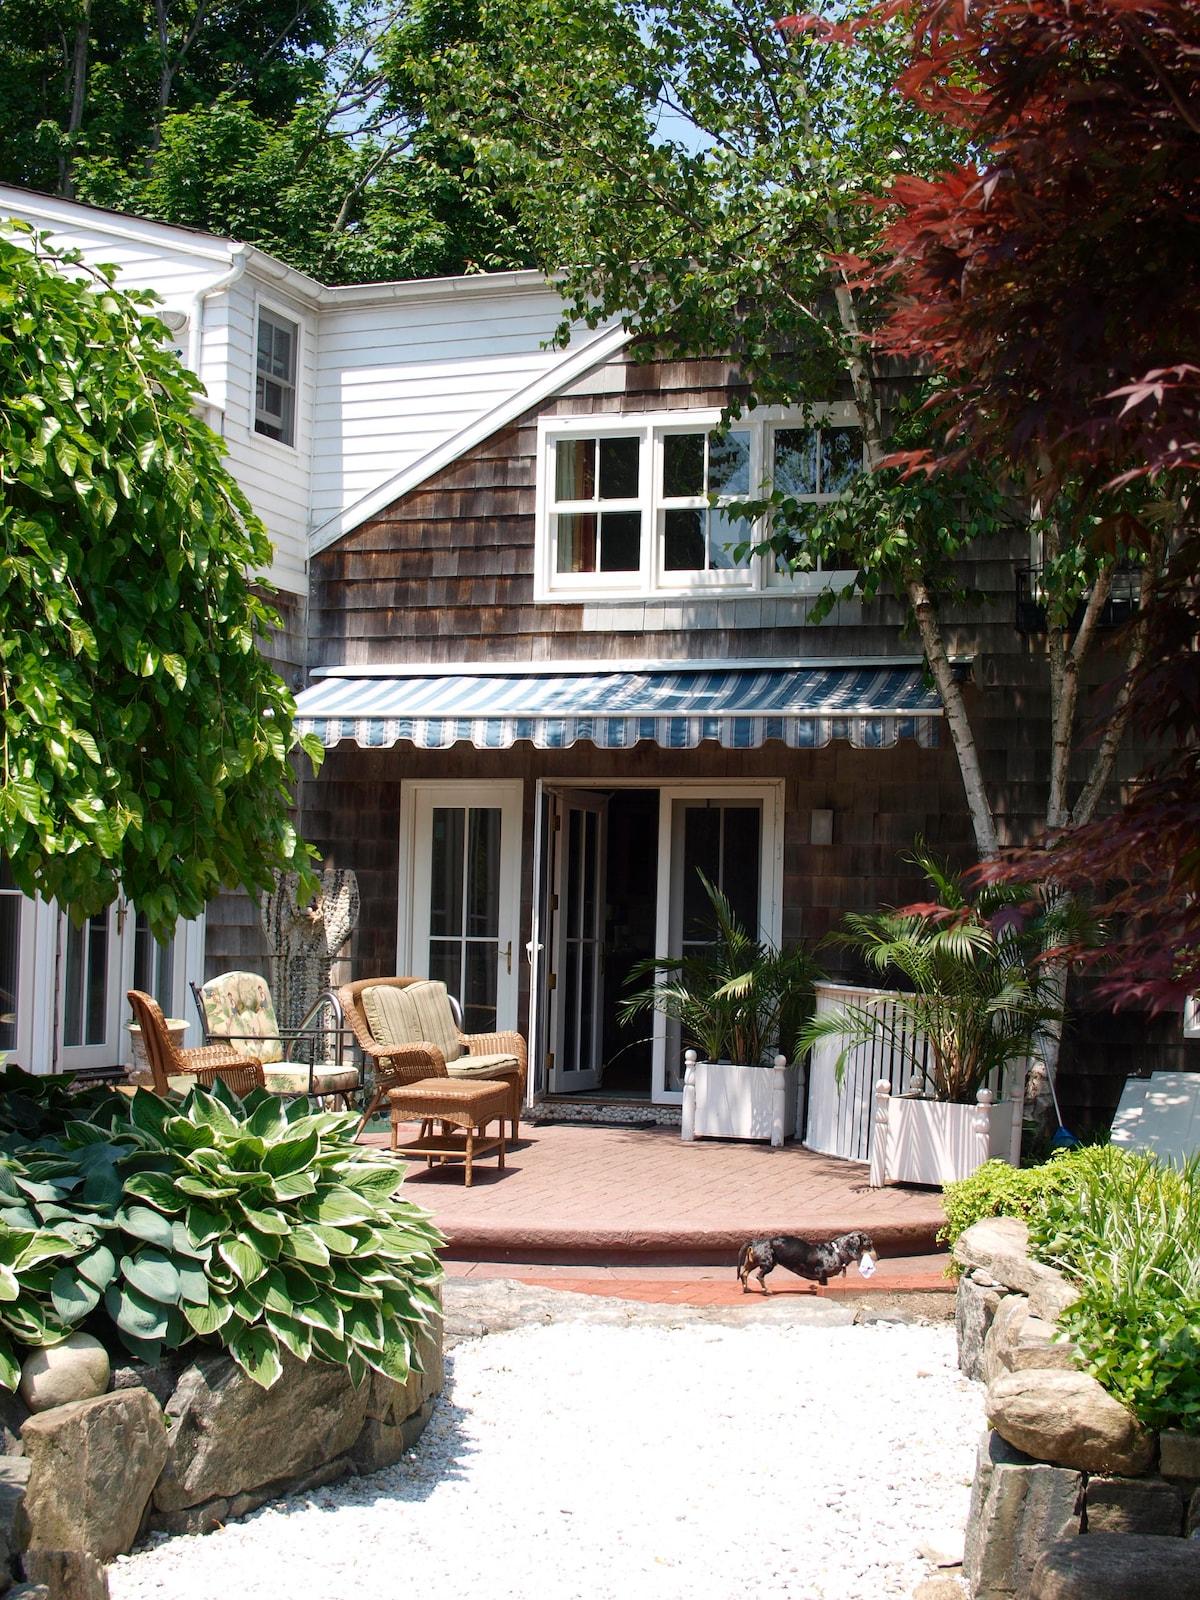 2 Bedroom Lux Suite in Sag Harbor